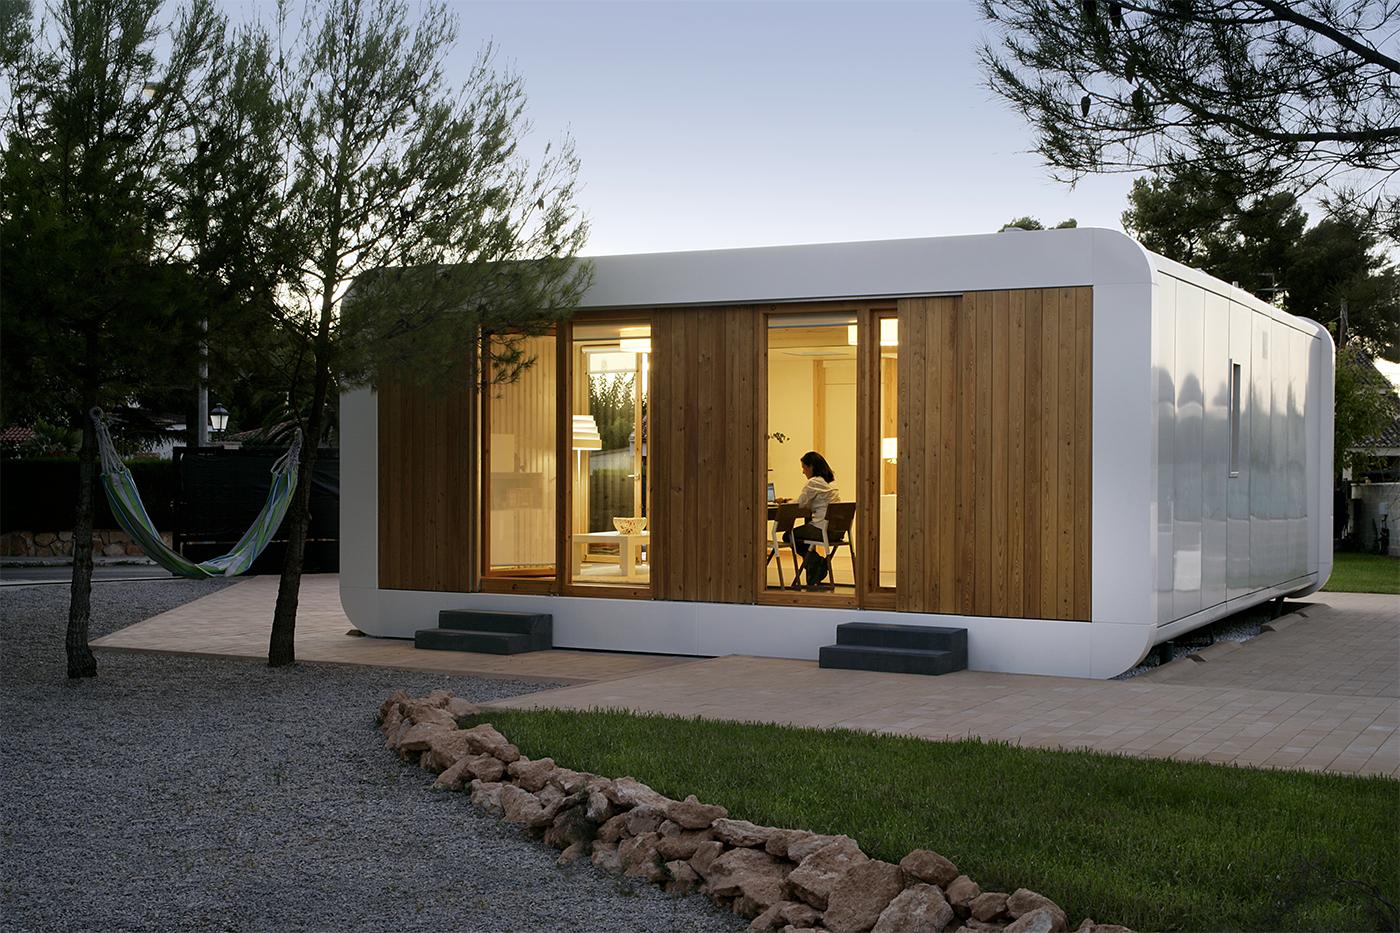 construcciones passivhause